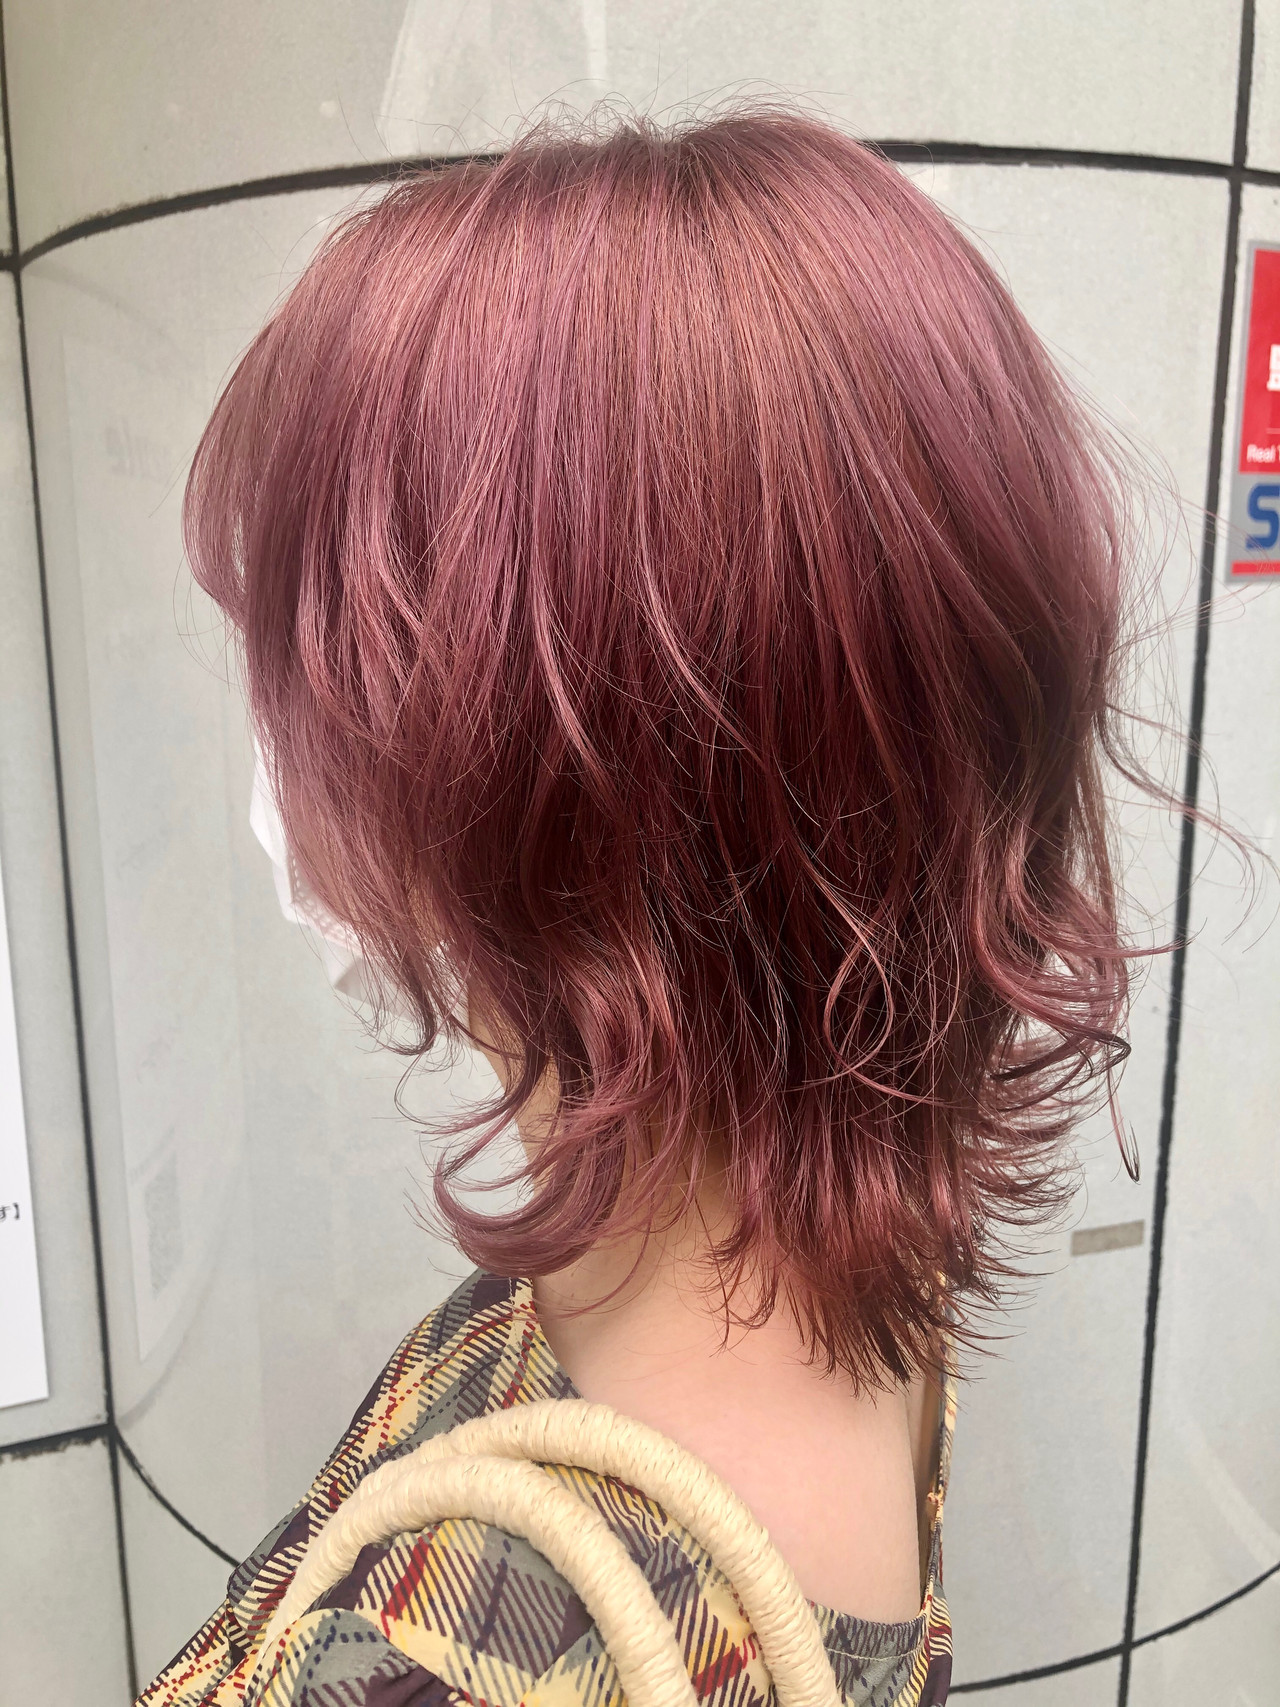 ストリート ダブルカラー ベリーピンク ピンクパープル ヘアスタイルや髪型の写真・画像